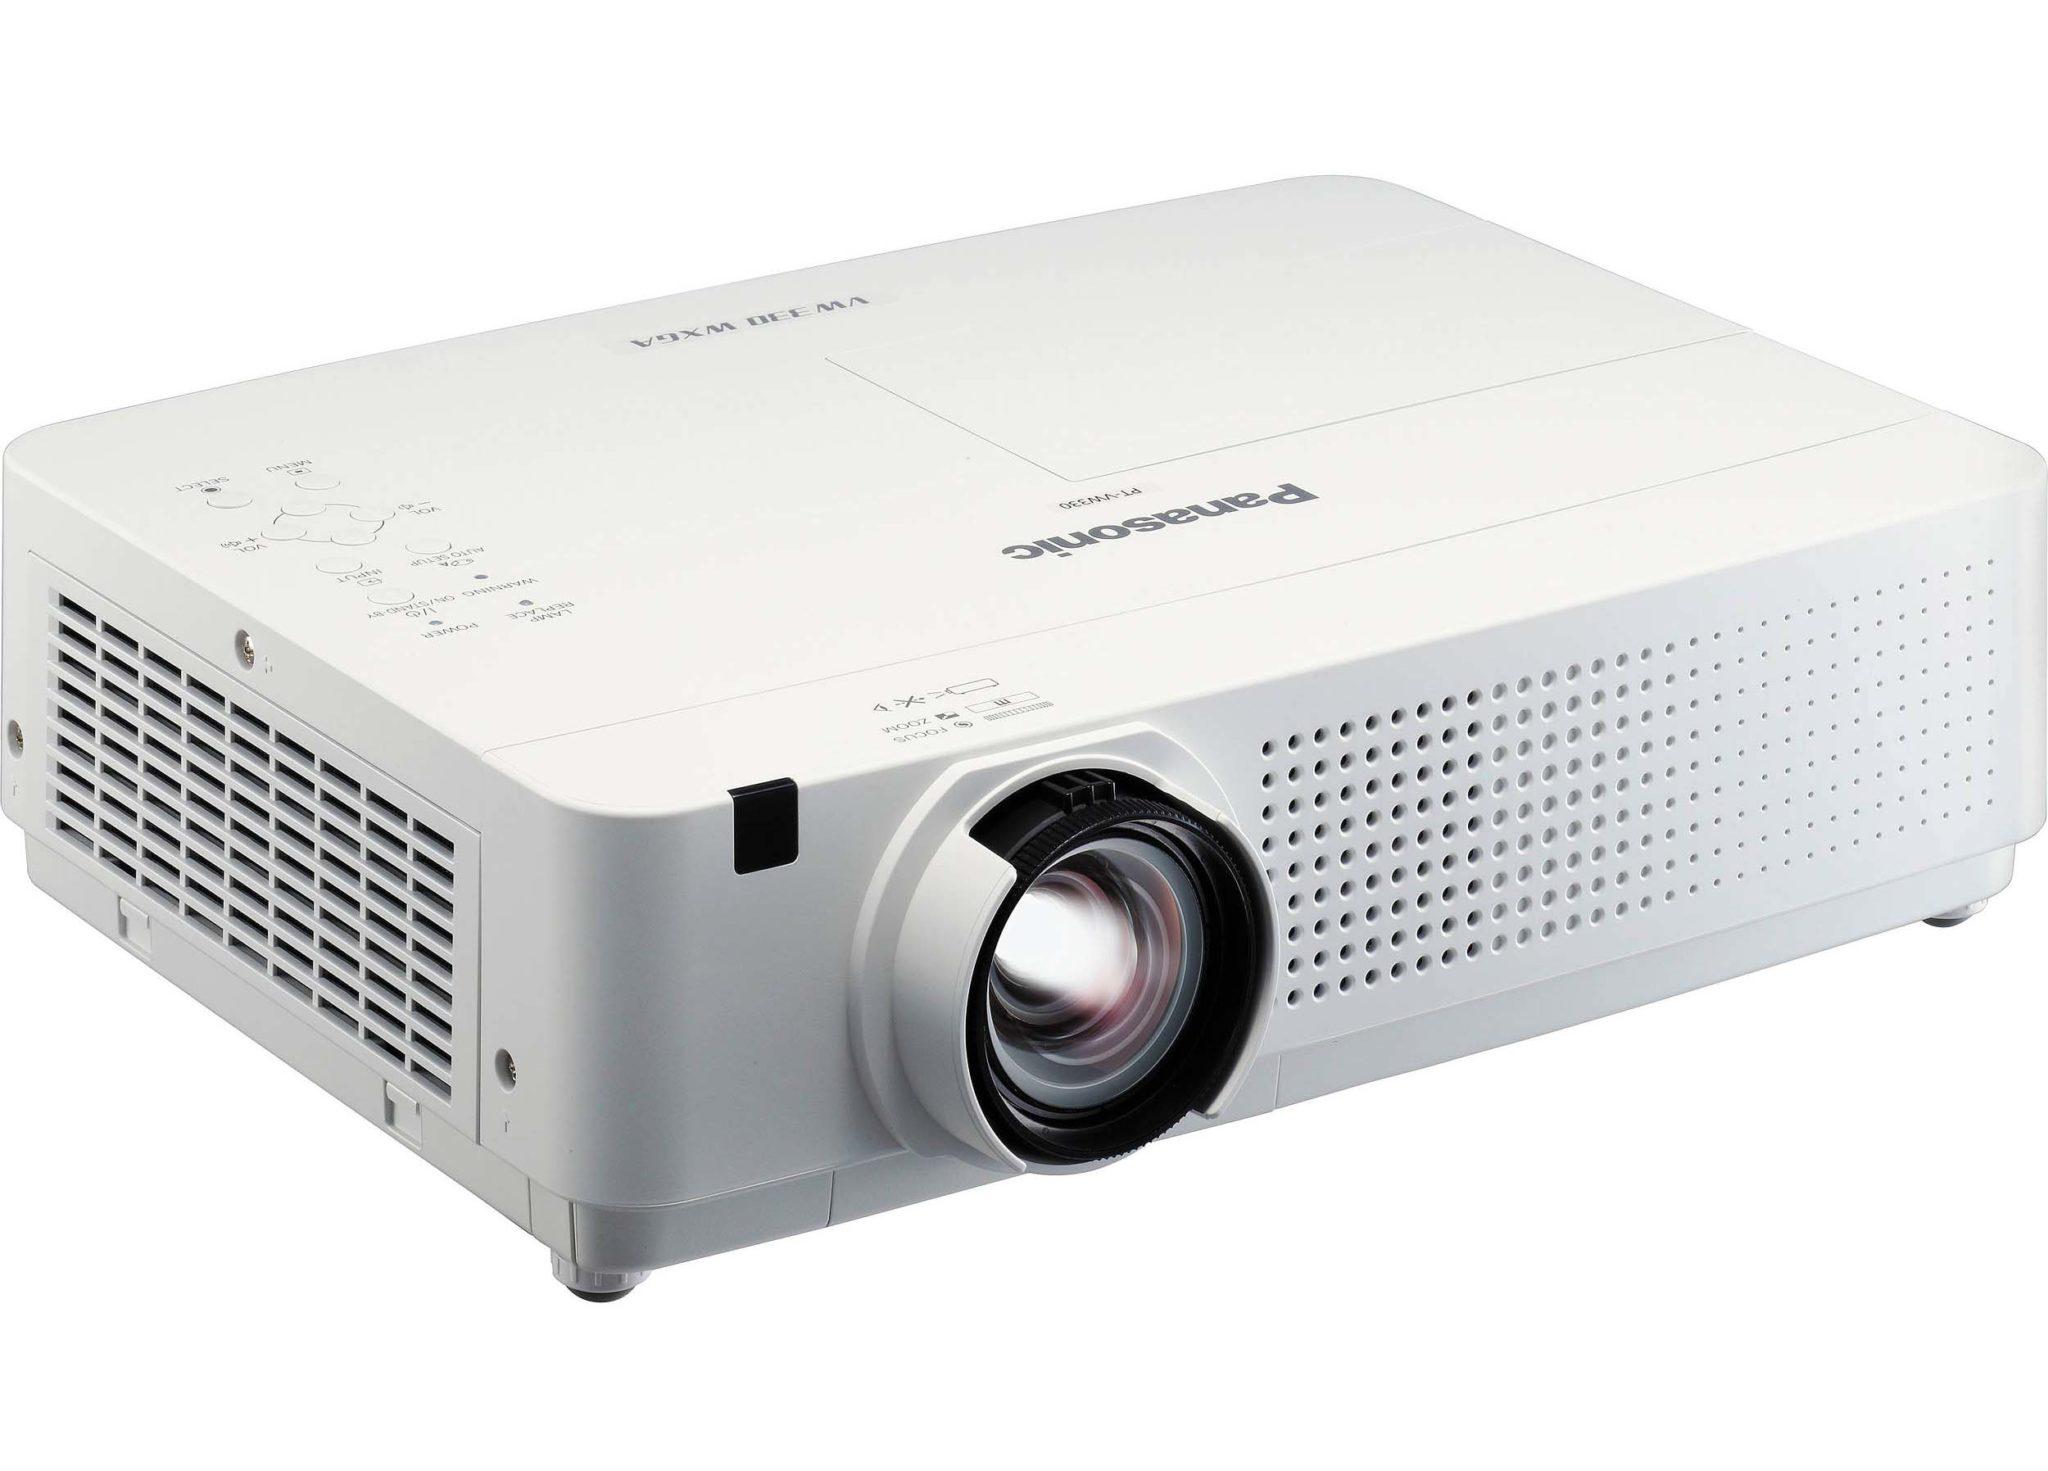 Panasonic_PT_VX400U_PT_VX400U_3_LCD_Projector_823648-1